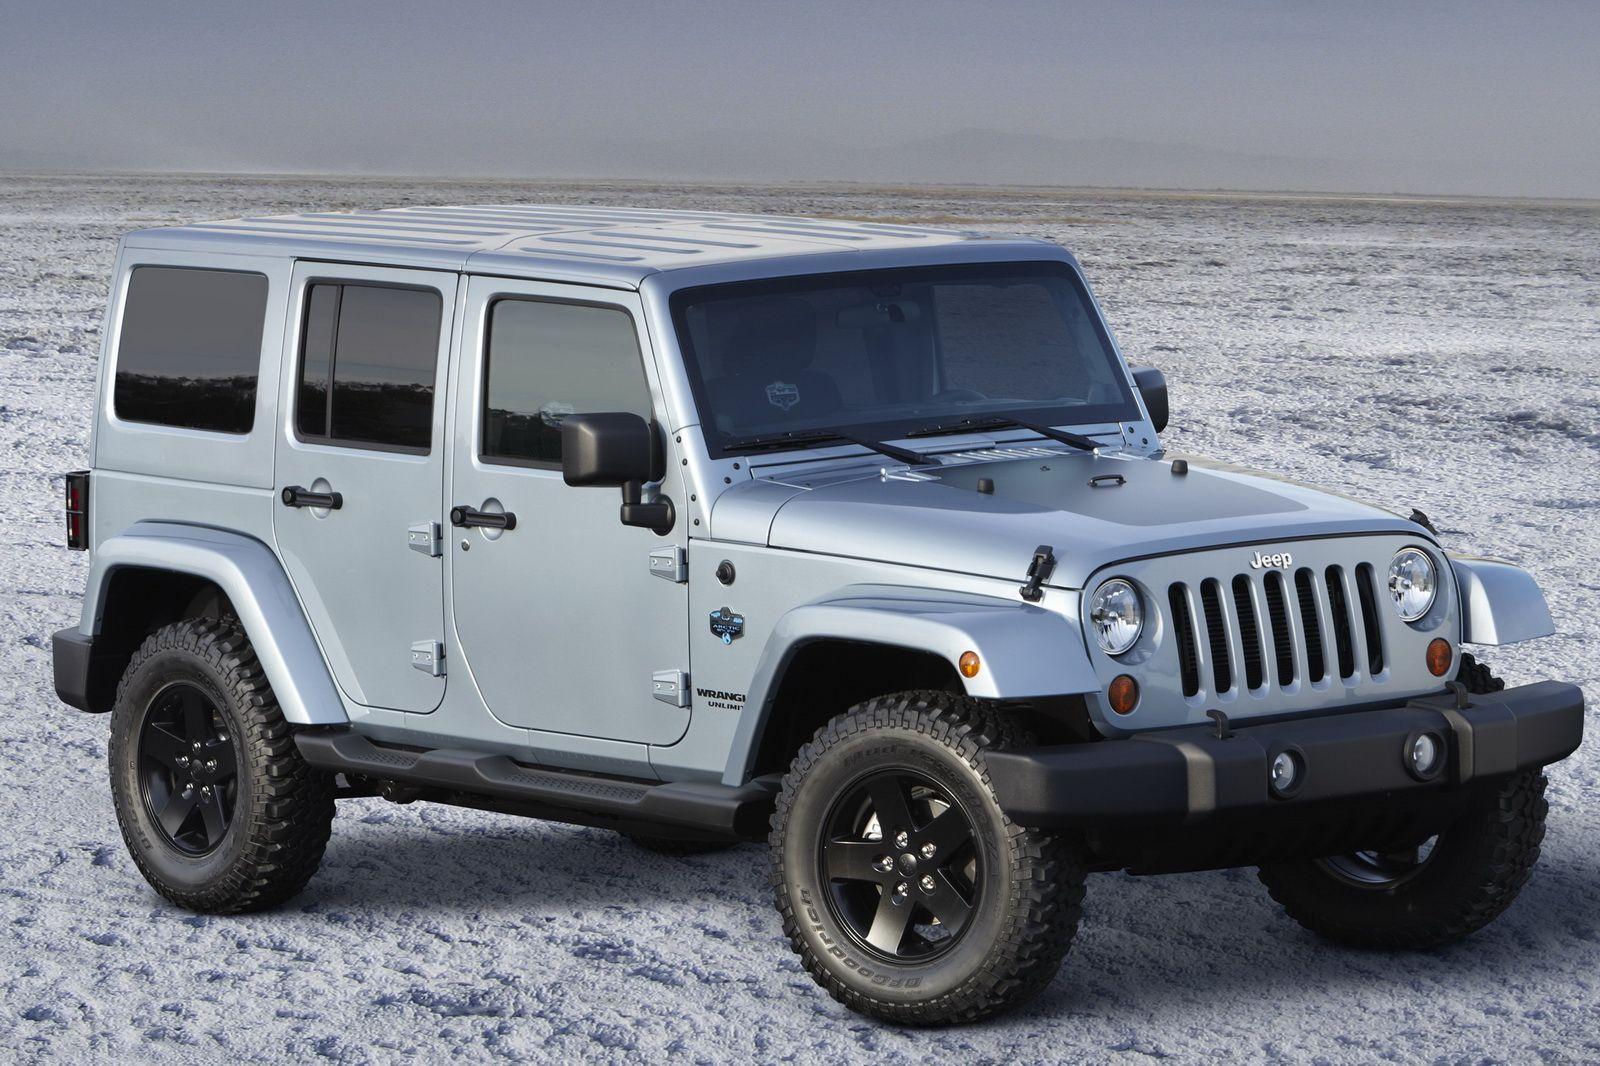 2012 jeep wrangler | 2012 Jeep Wrangler Unlimited Arctic (ver imagen original)